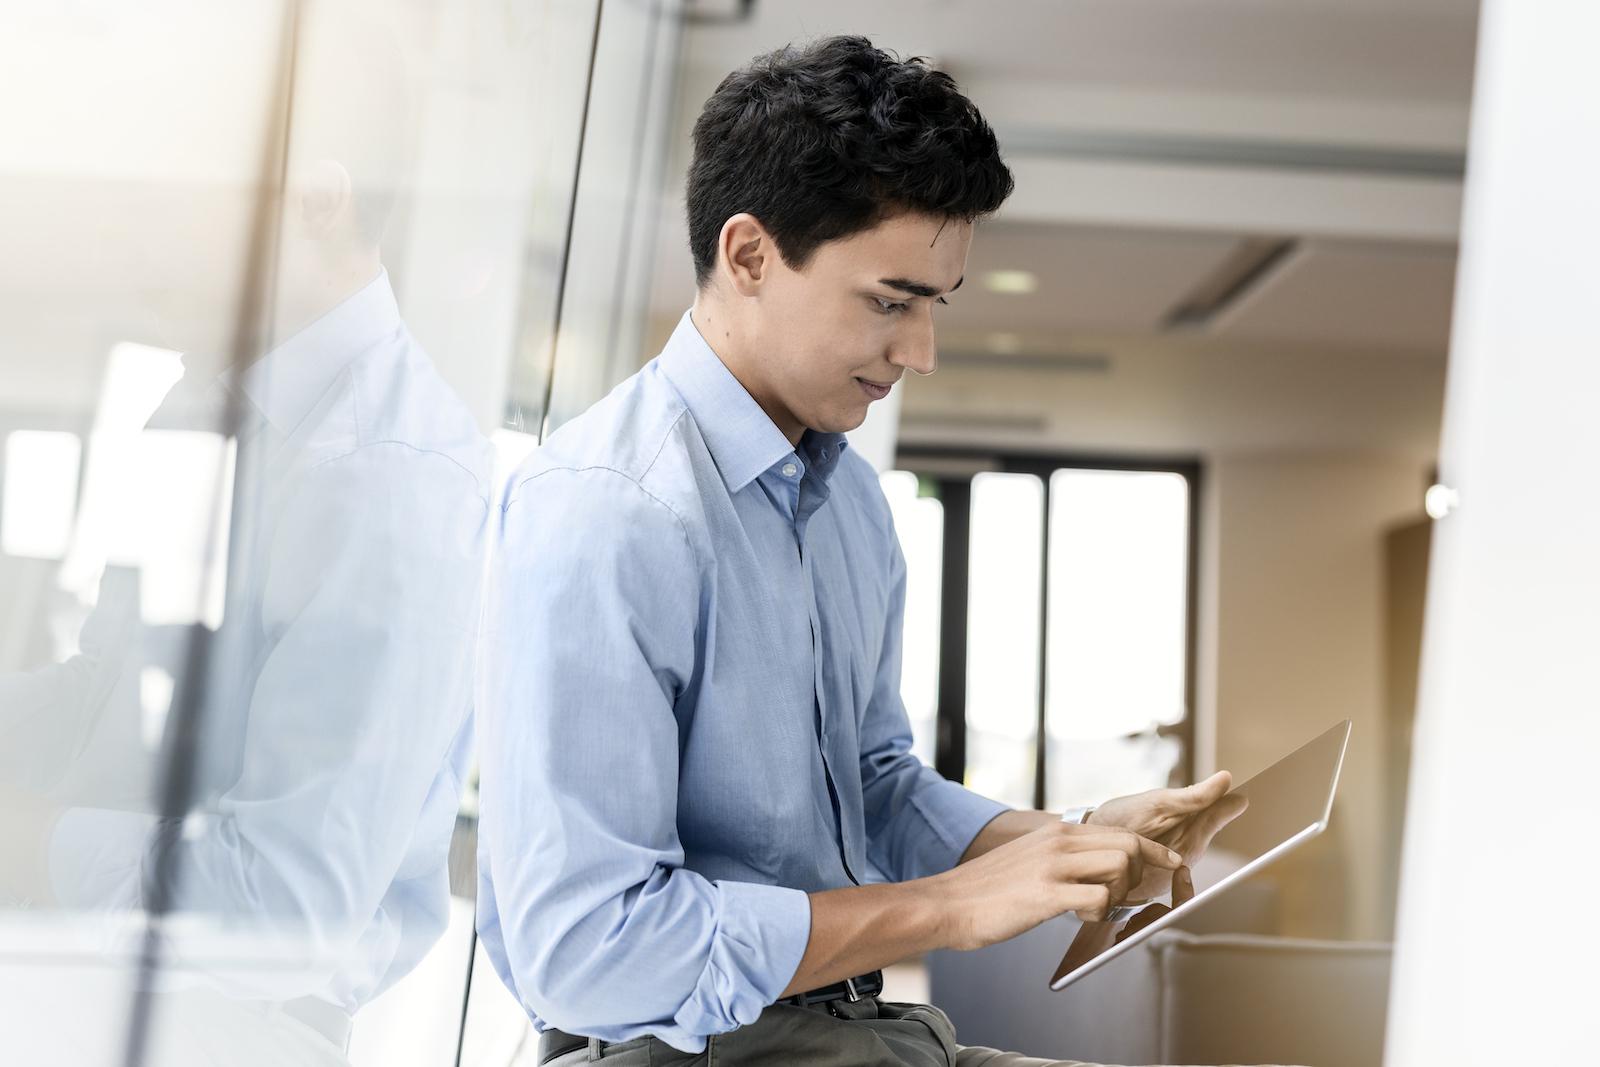 männlicher Trainee im Office mit Tablet am Fenster